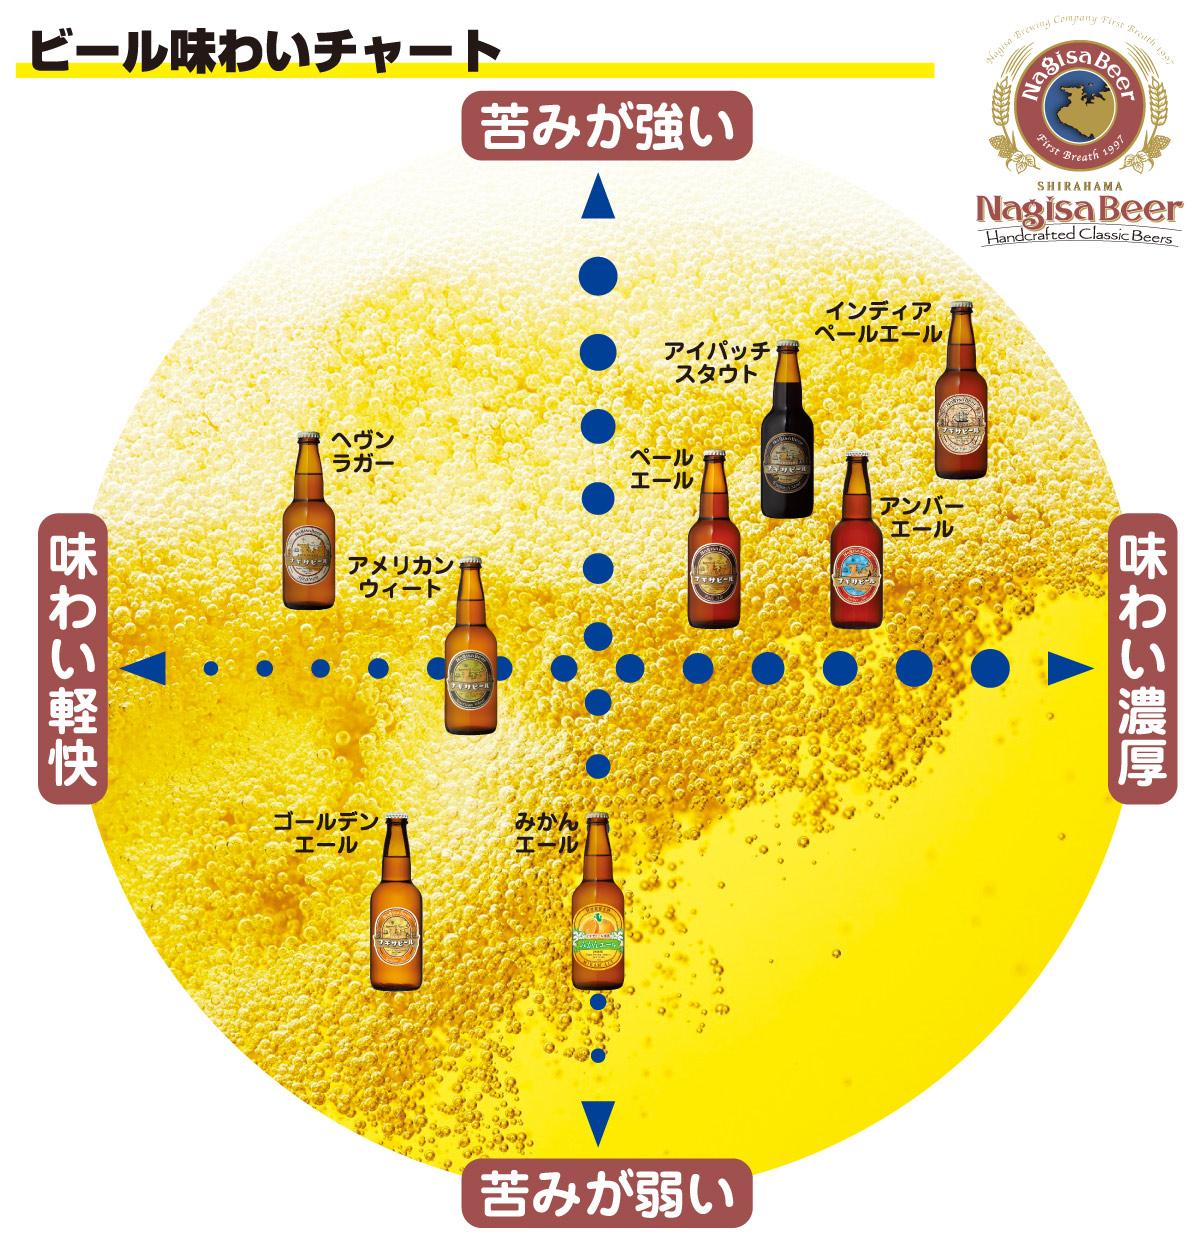 ビアーテイストマップ(Beer Taste Map)